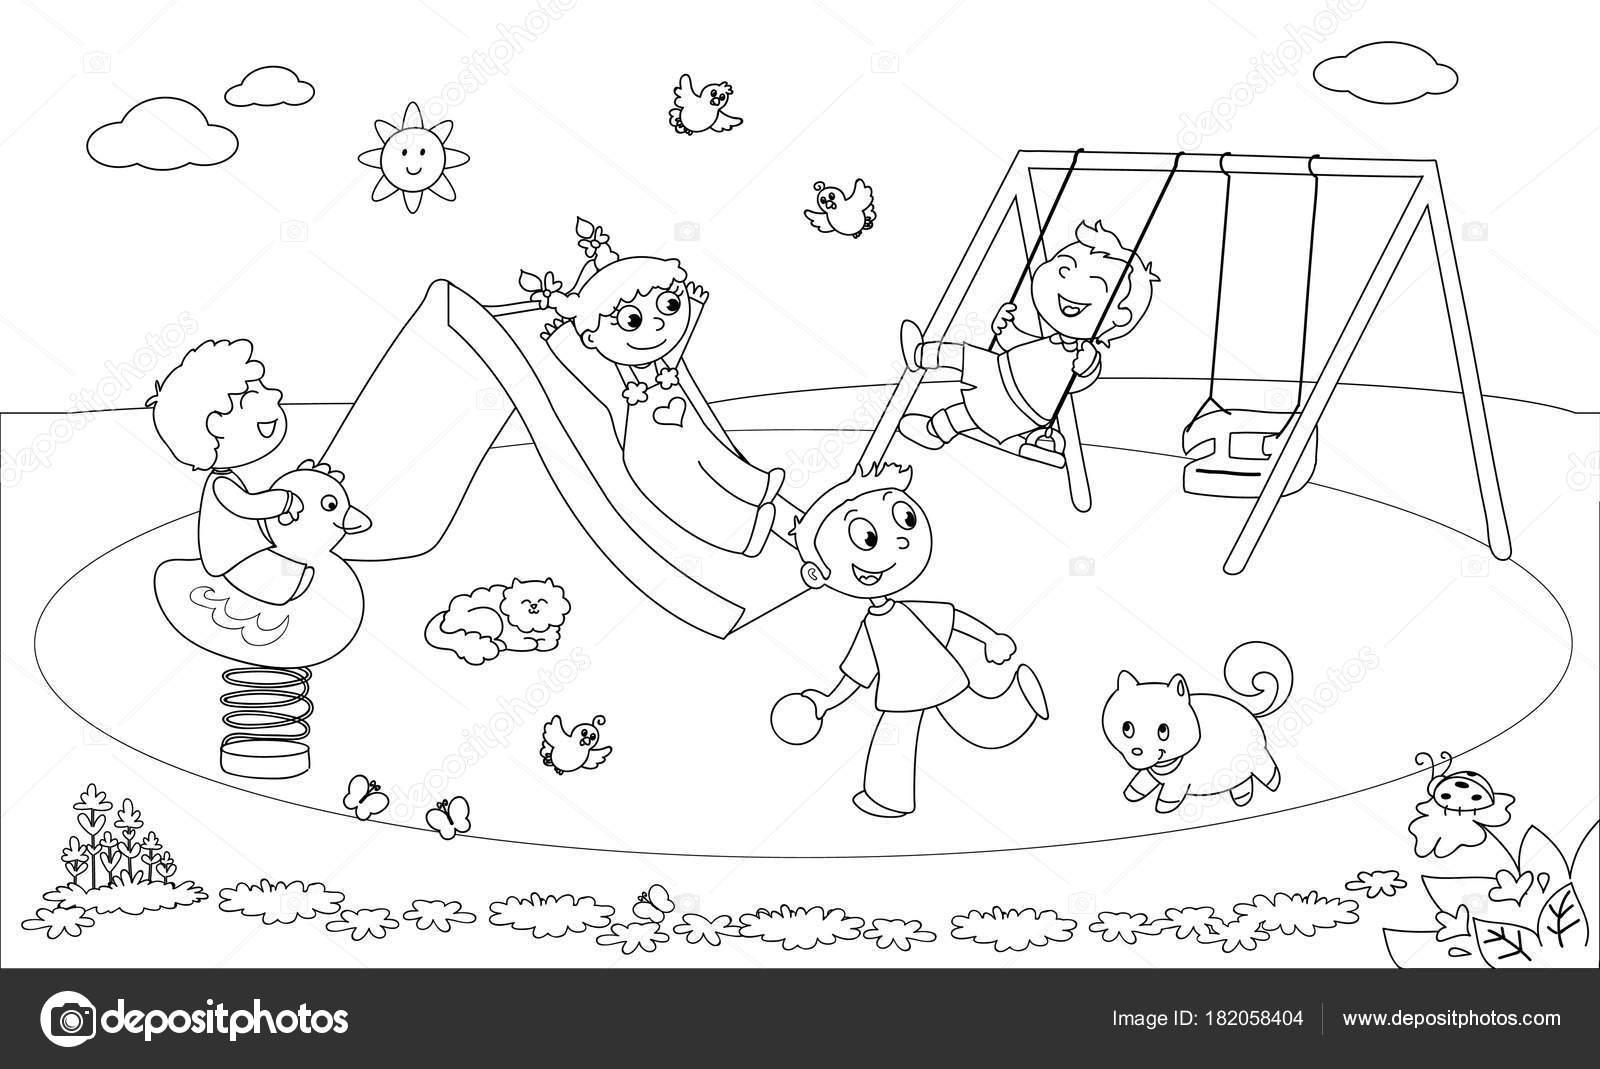 çocuklar Vektör Boyama Bahçesi Stok Vektör Carlacastagno 182058404